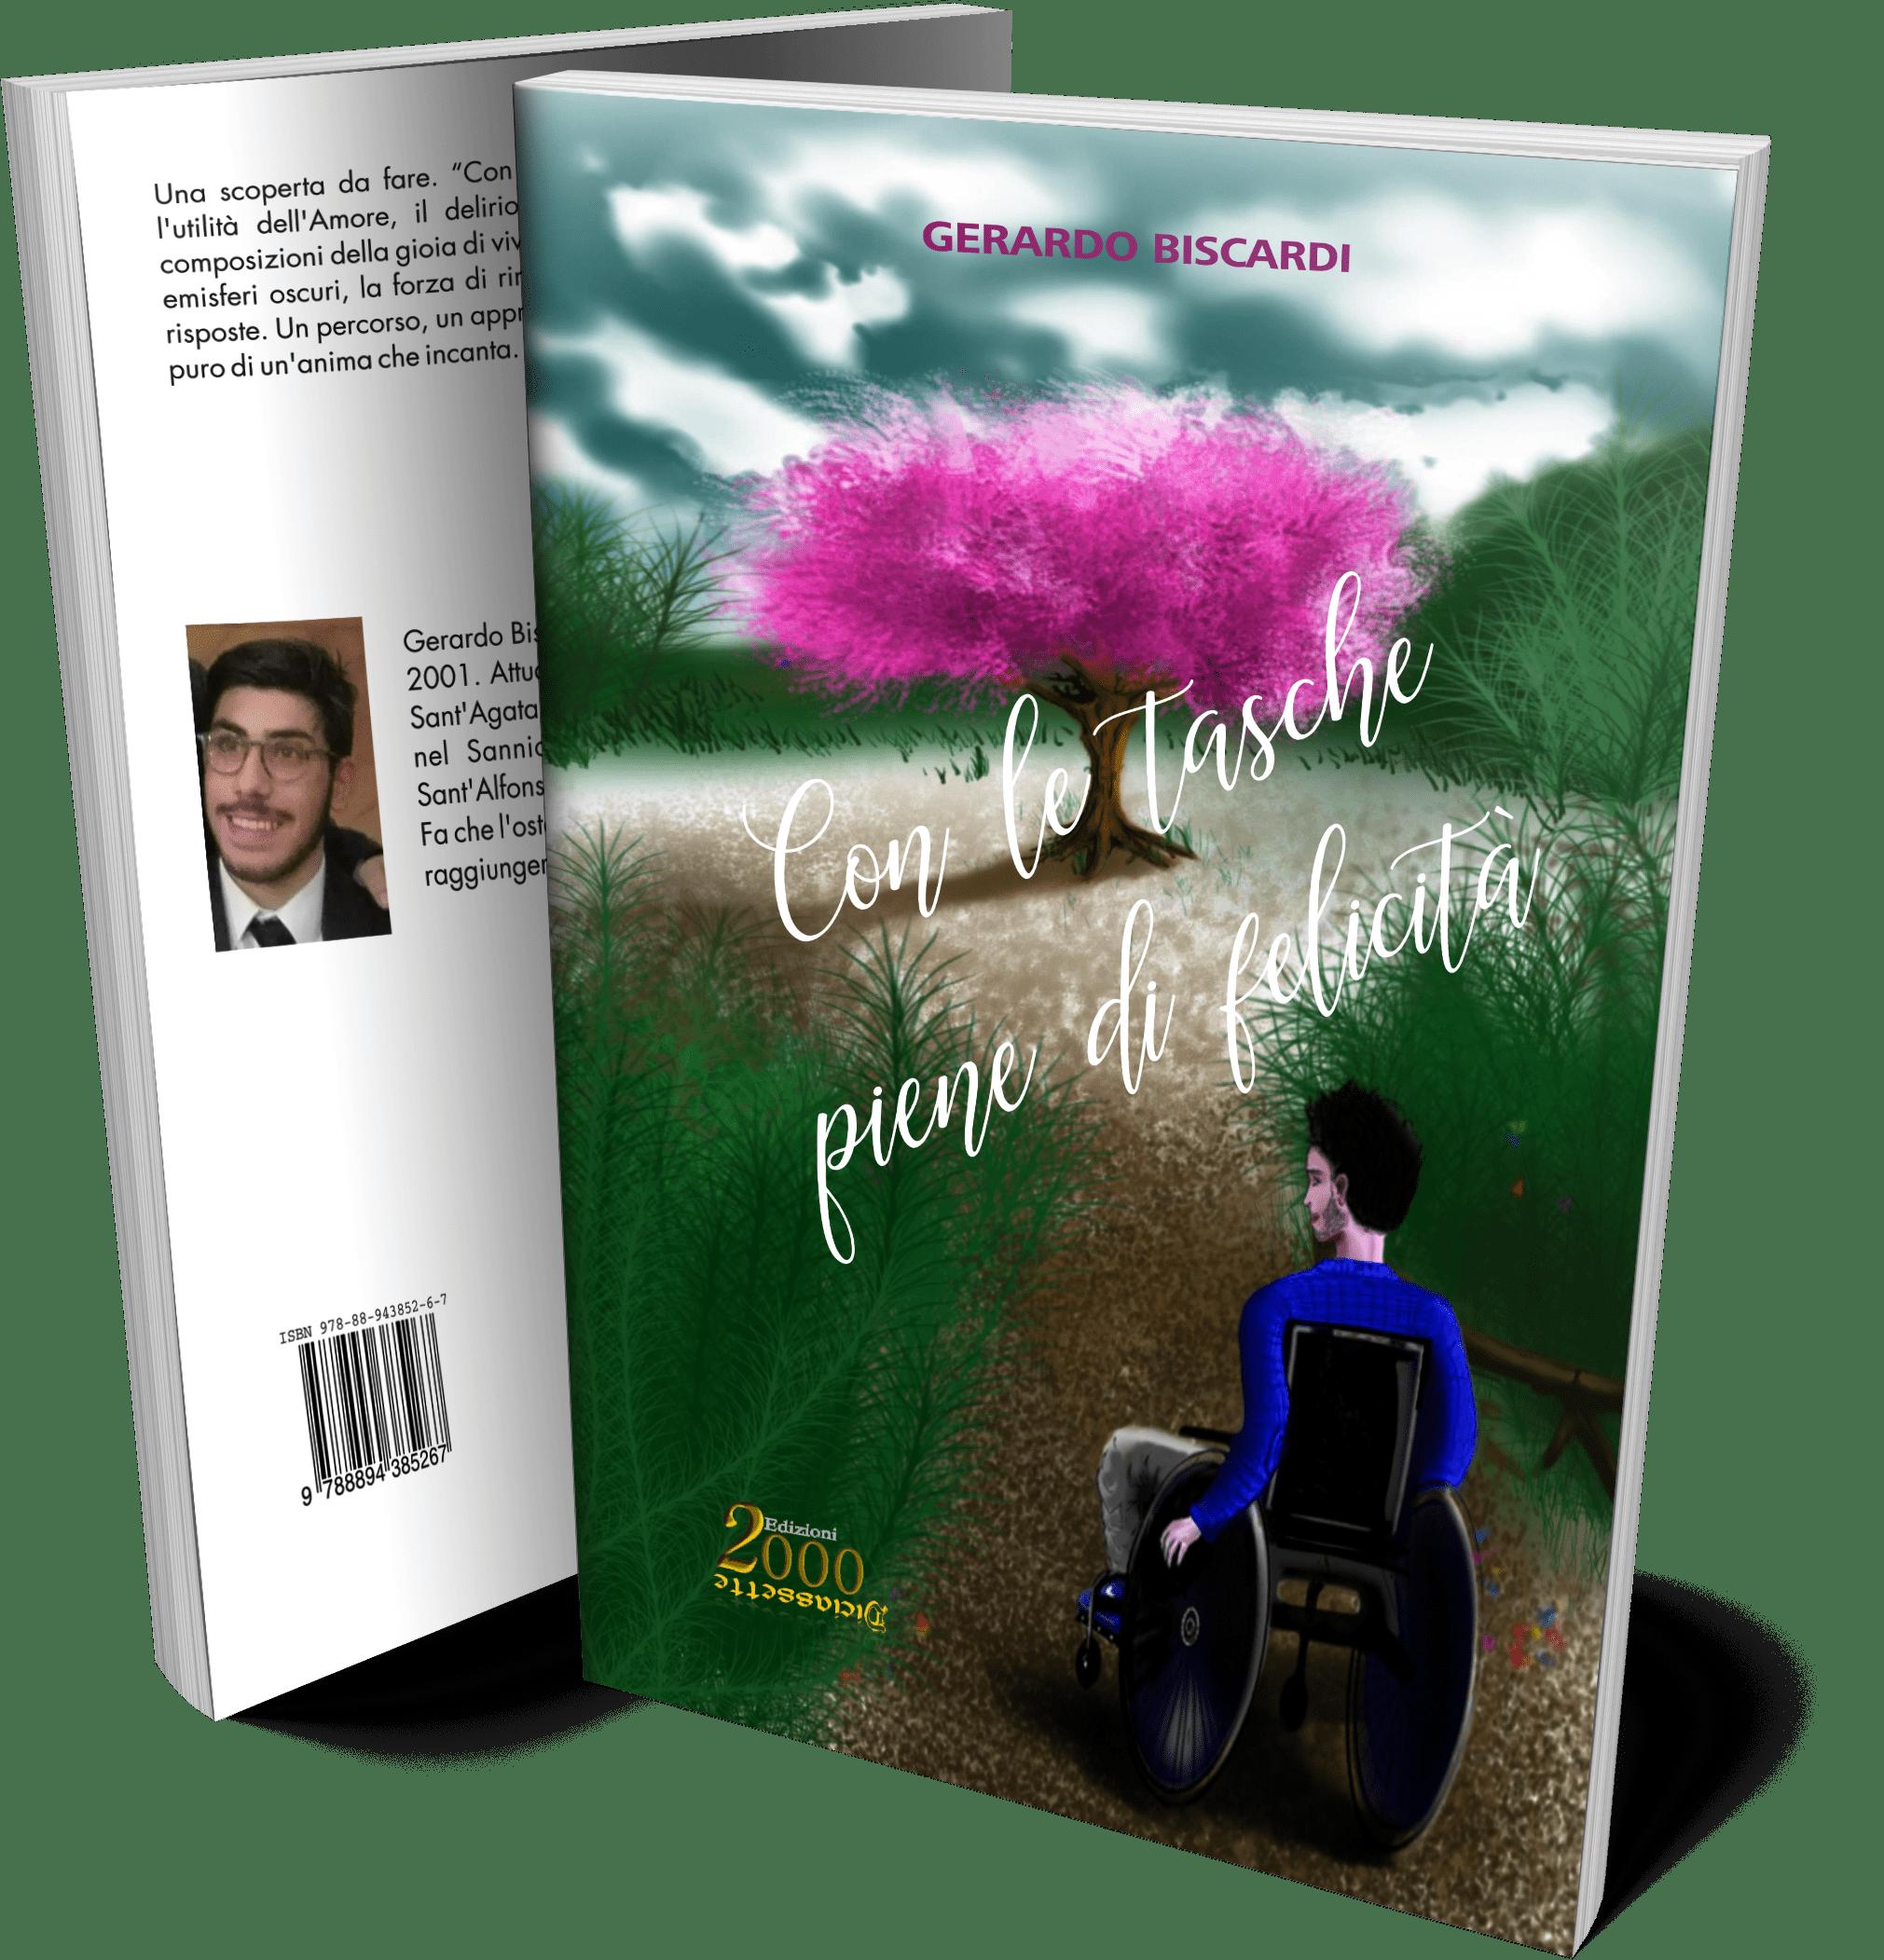 Con le tasche piene di felicità, un romanzo di Gerardo Biscardi